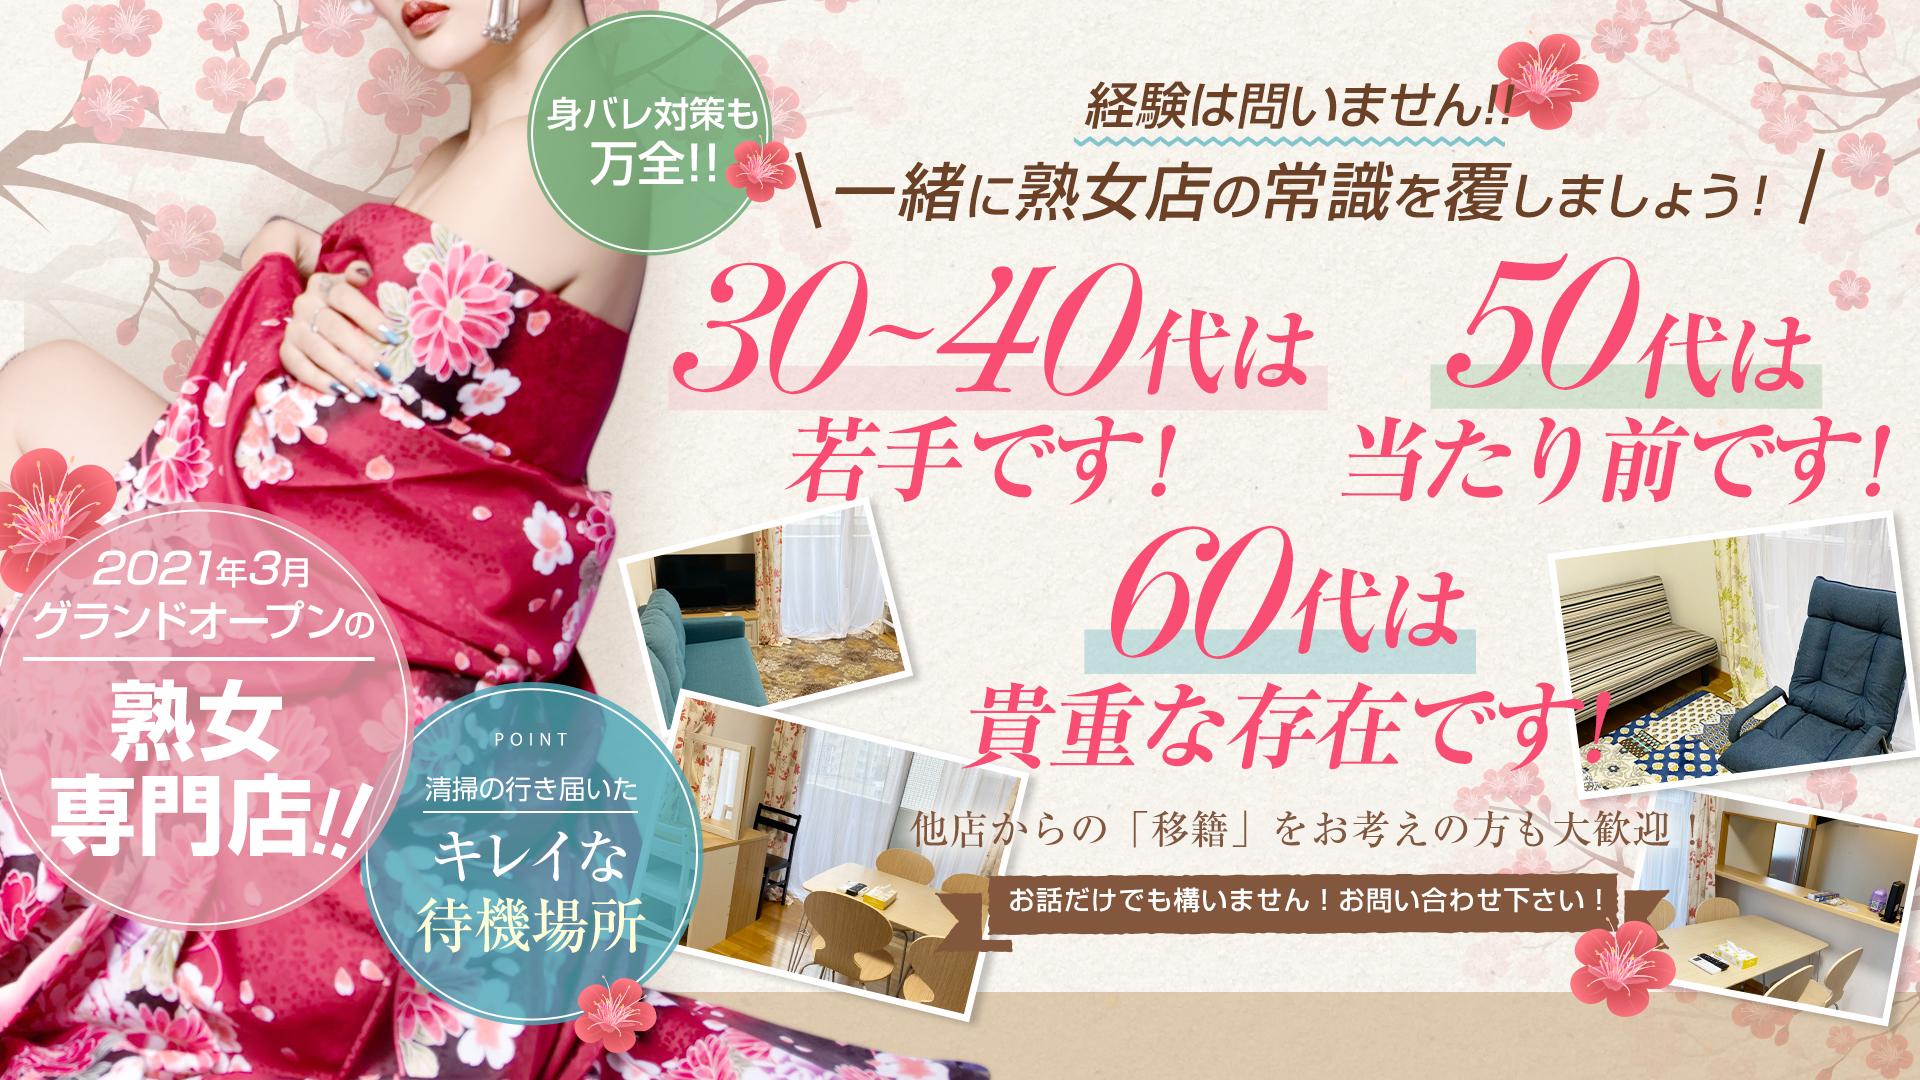 九州熟女 熊本店の求人画像